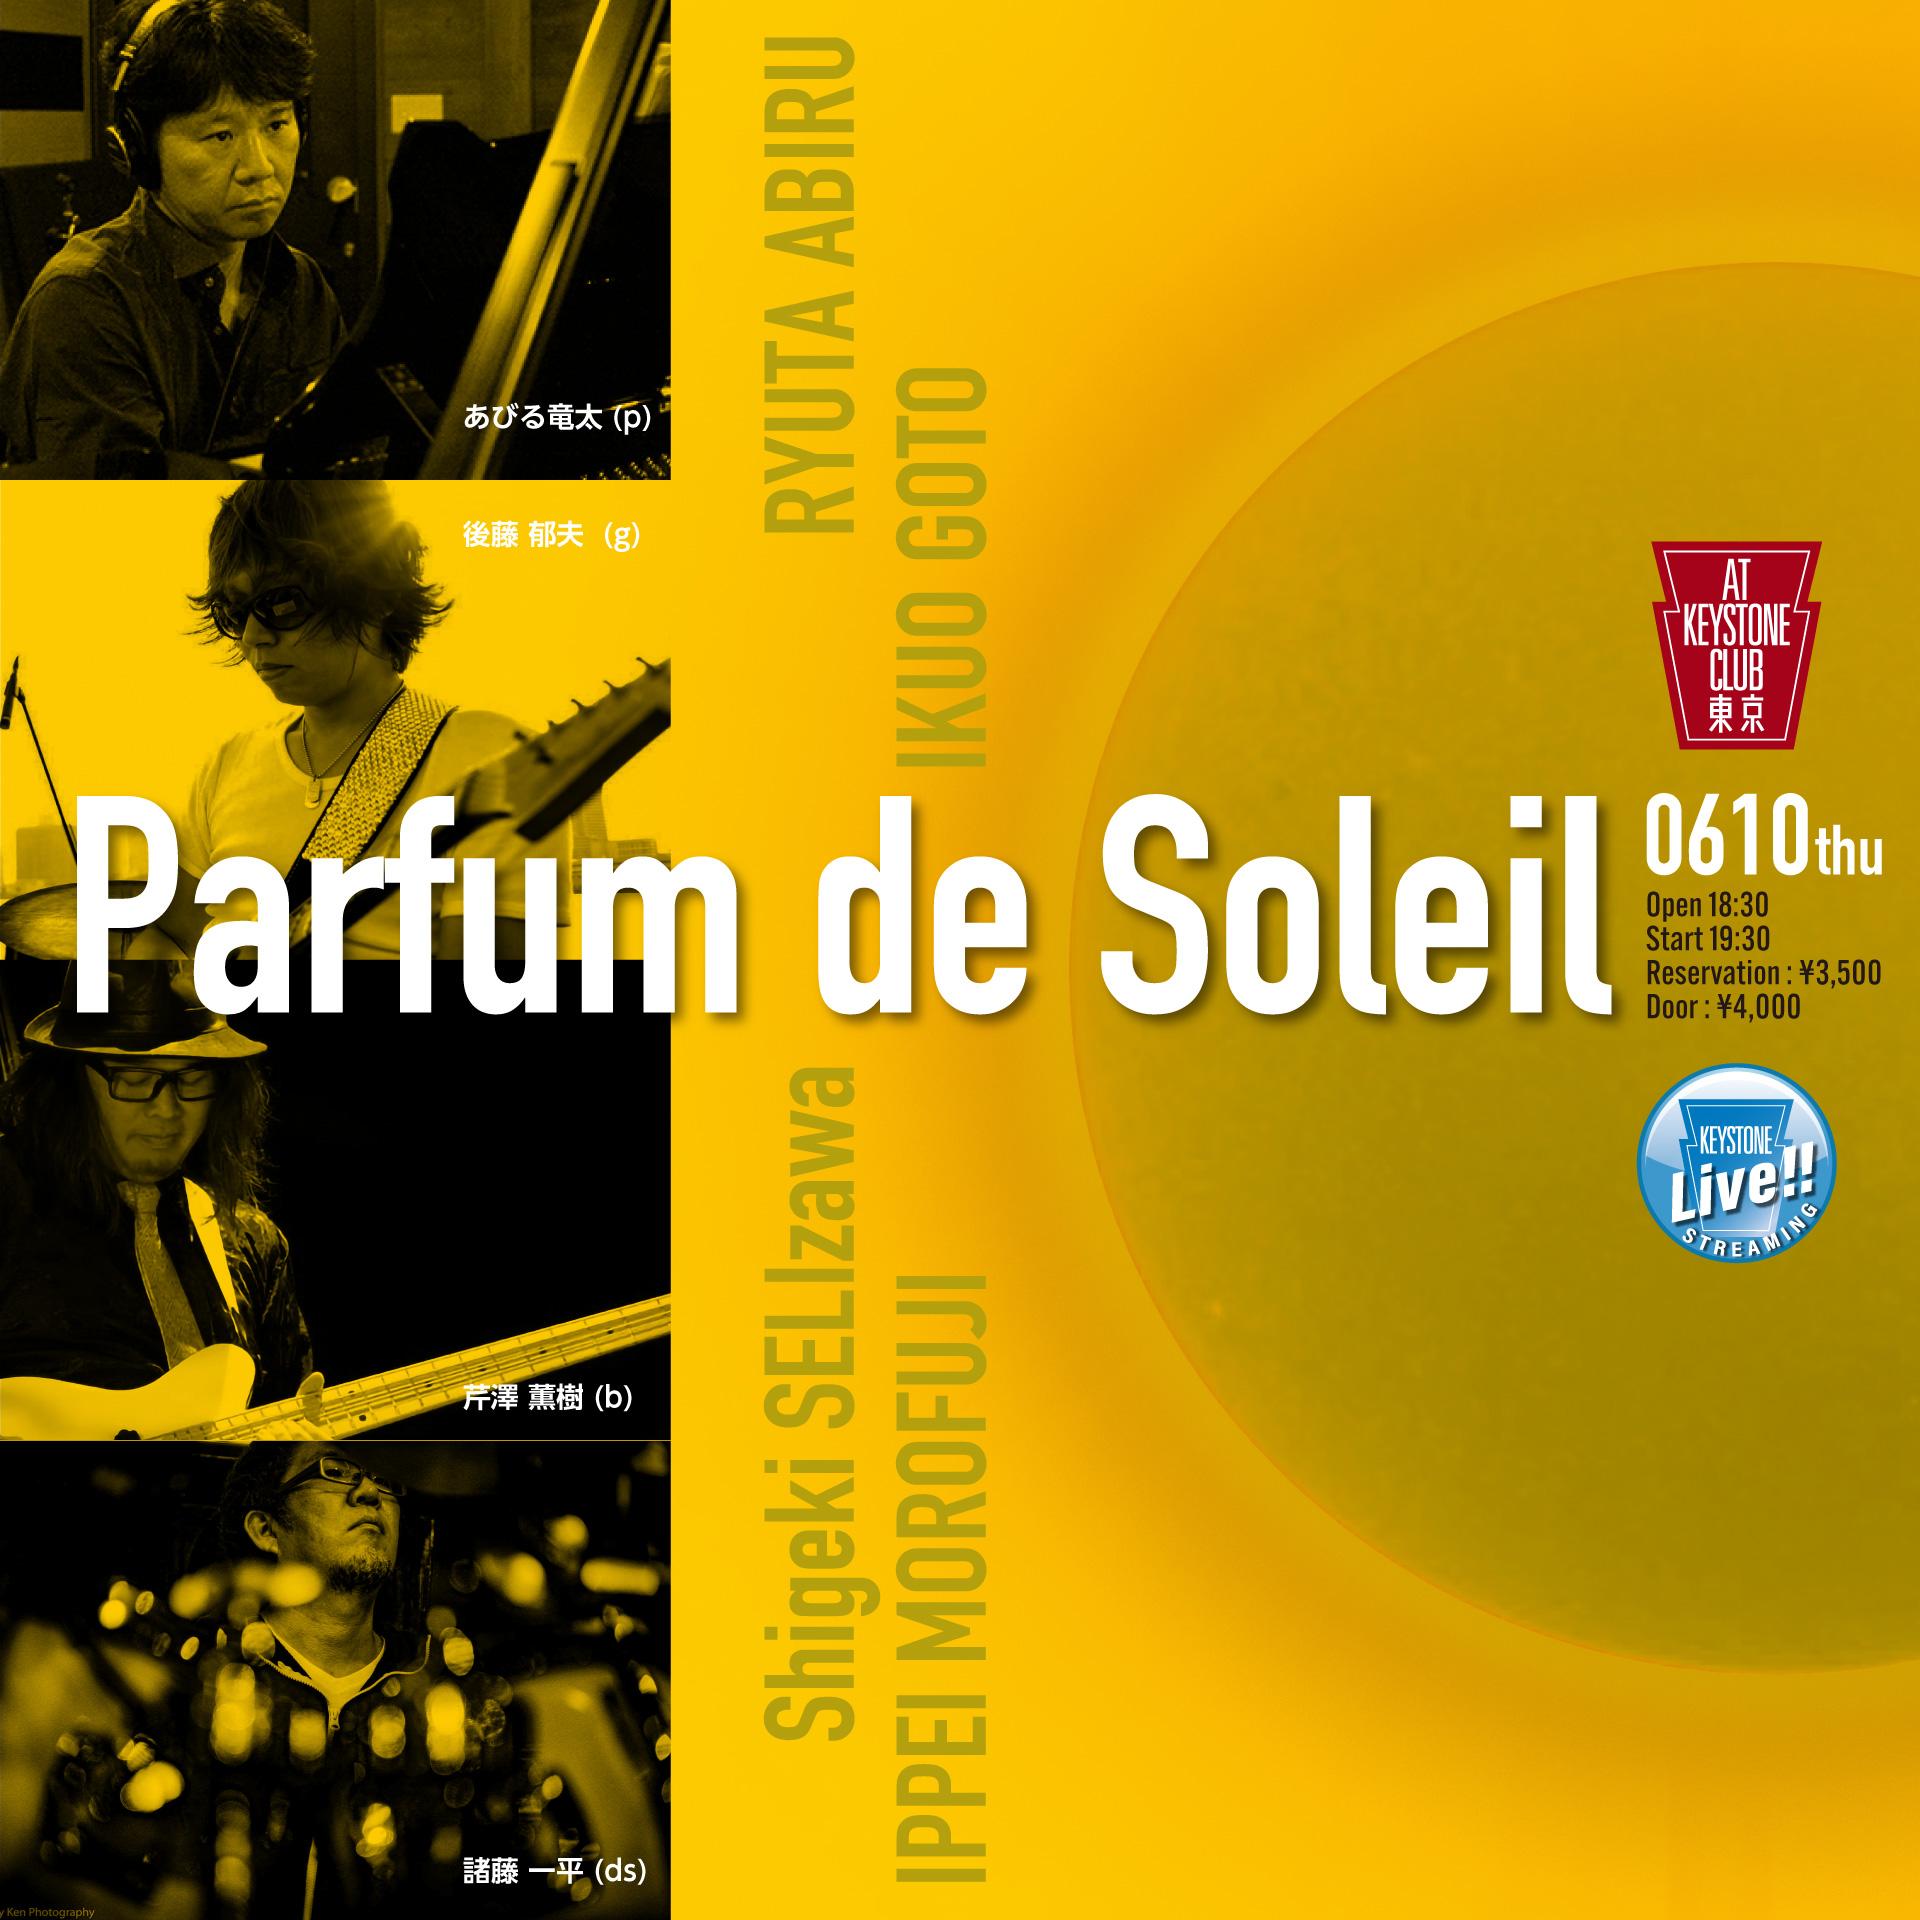 Parfum de Soleil シングル『Broadcasting Highway』 配信記念ライブ